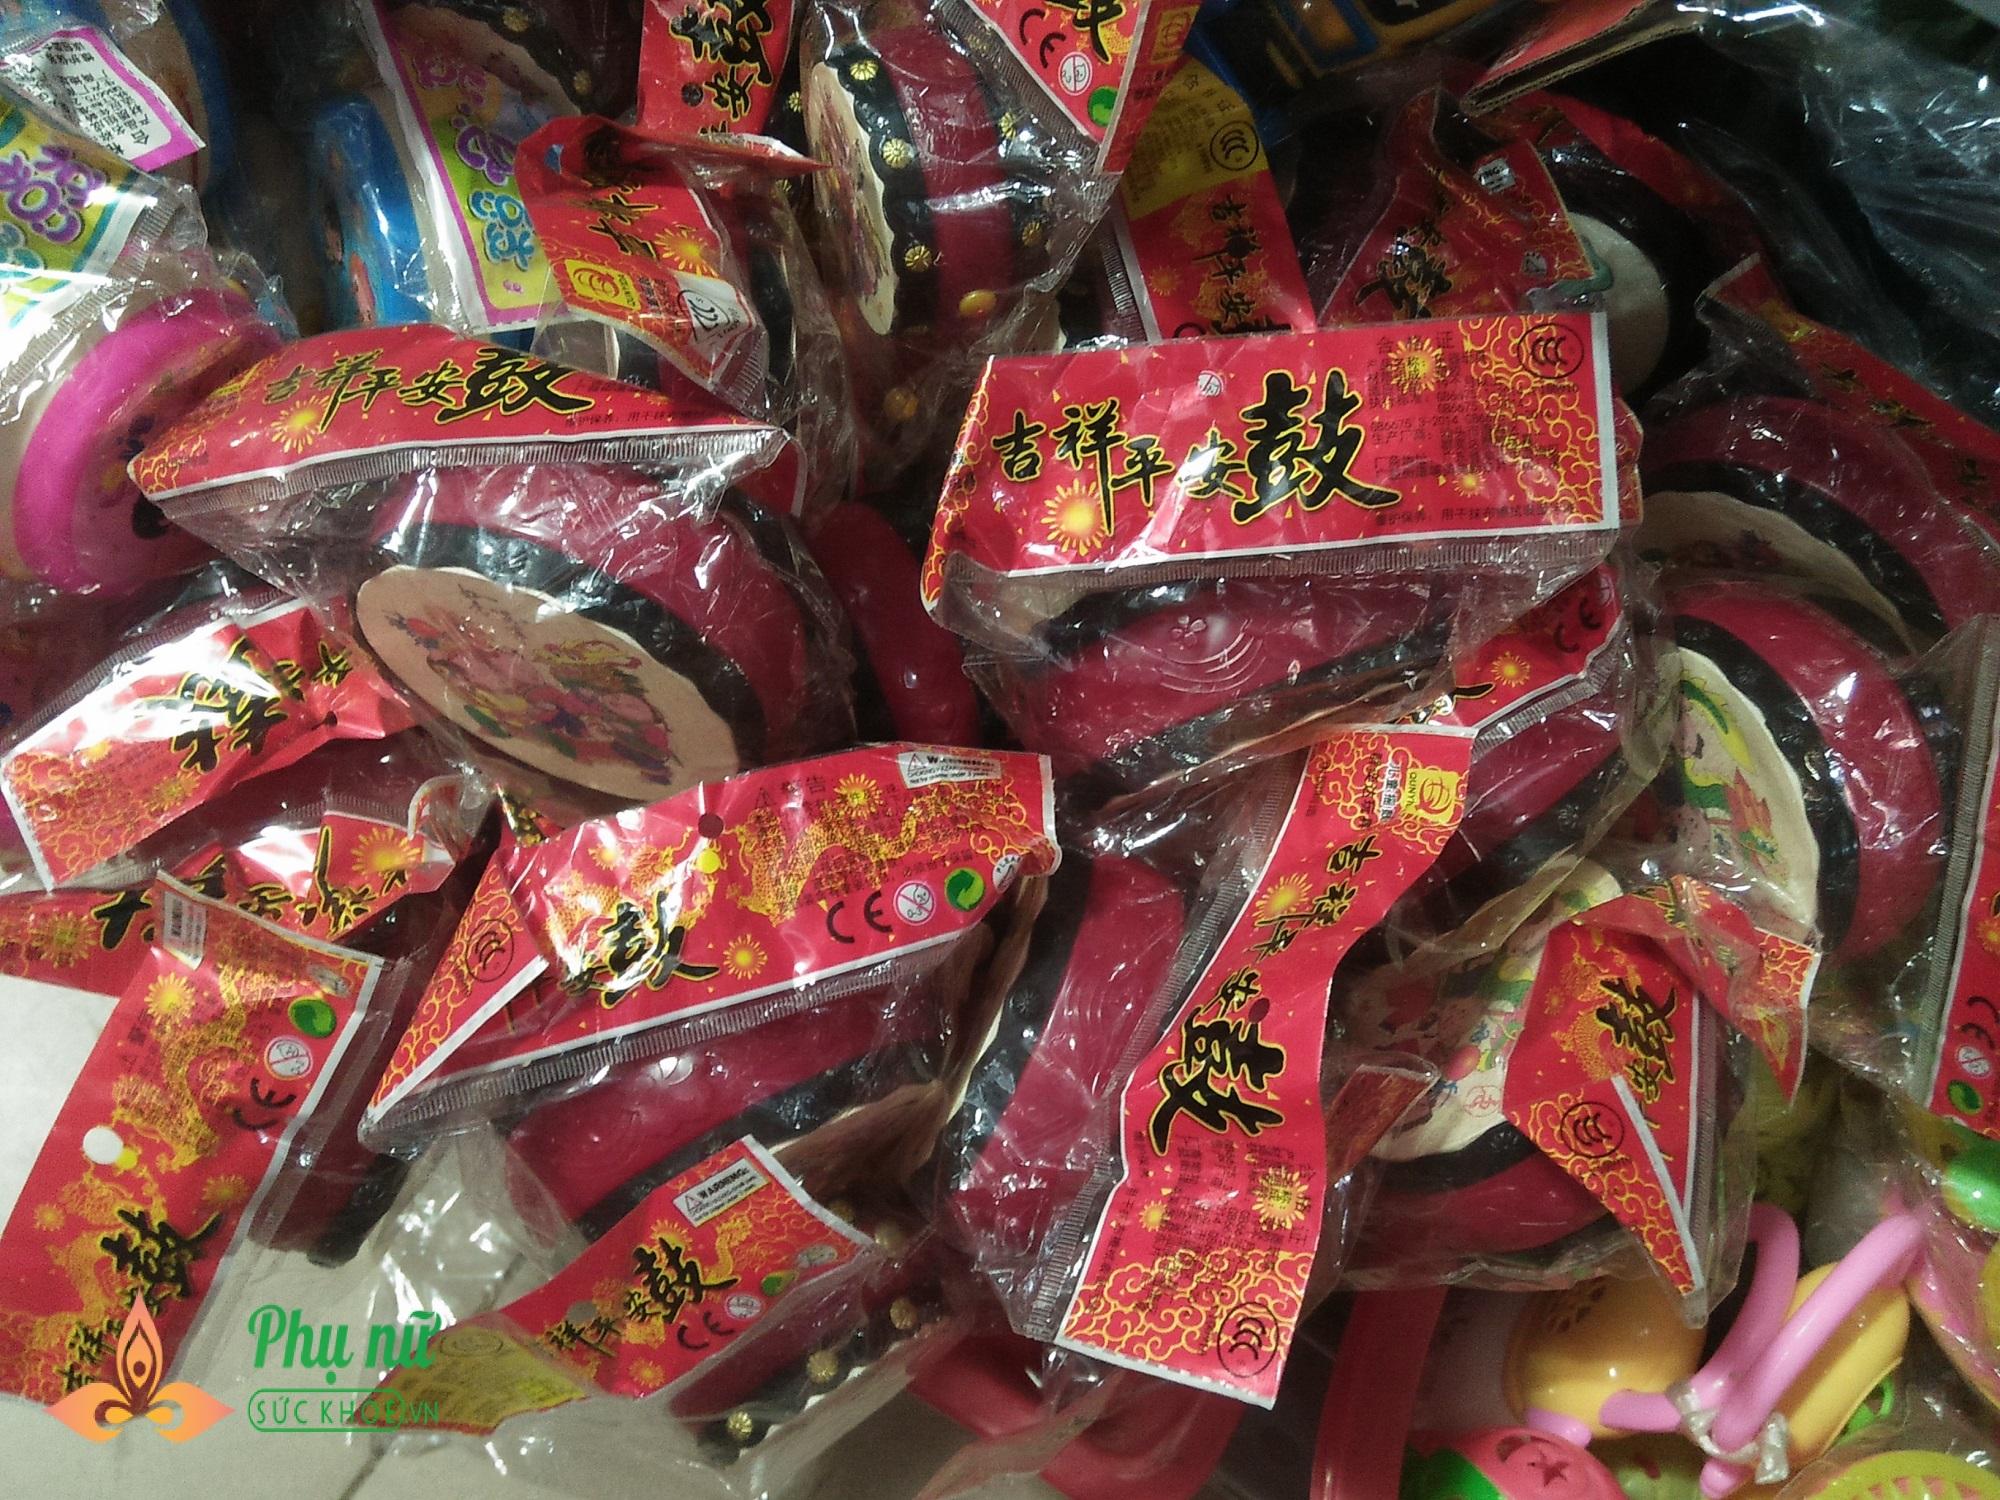 Cha mẹ lo ngại khi mặt nạ lông lá, rùng rợn bán nhan nhản chợ đồ chơi Trung thu - Ảnh 4